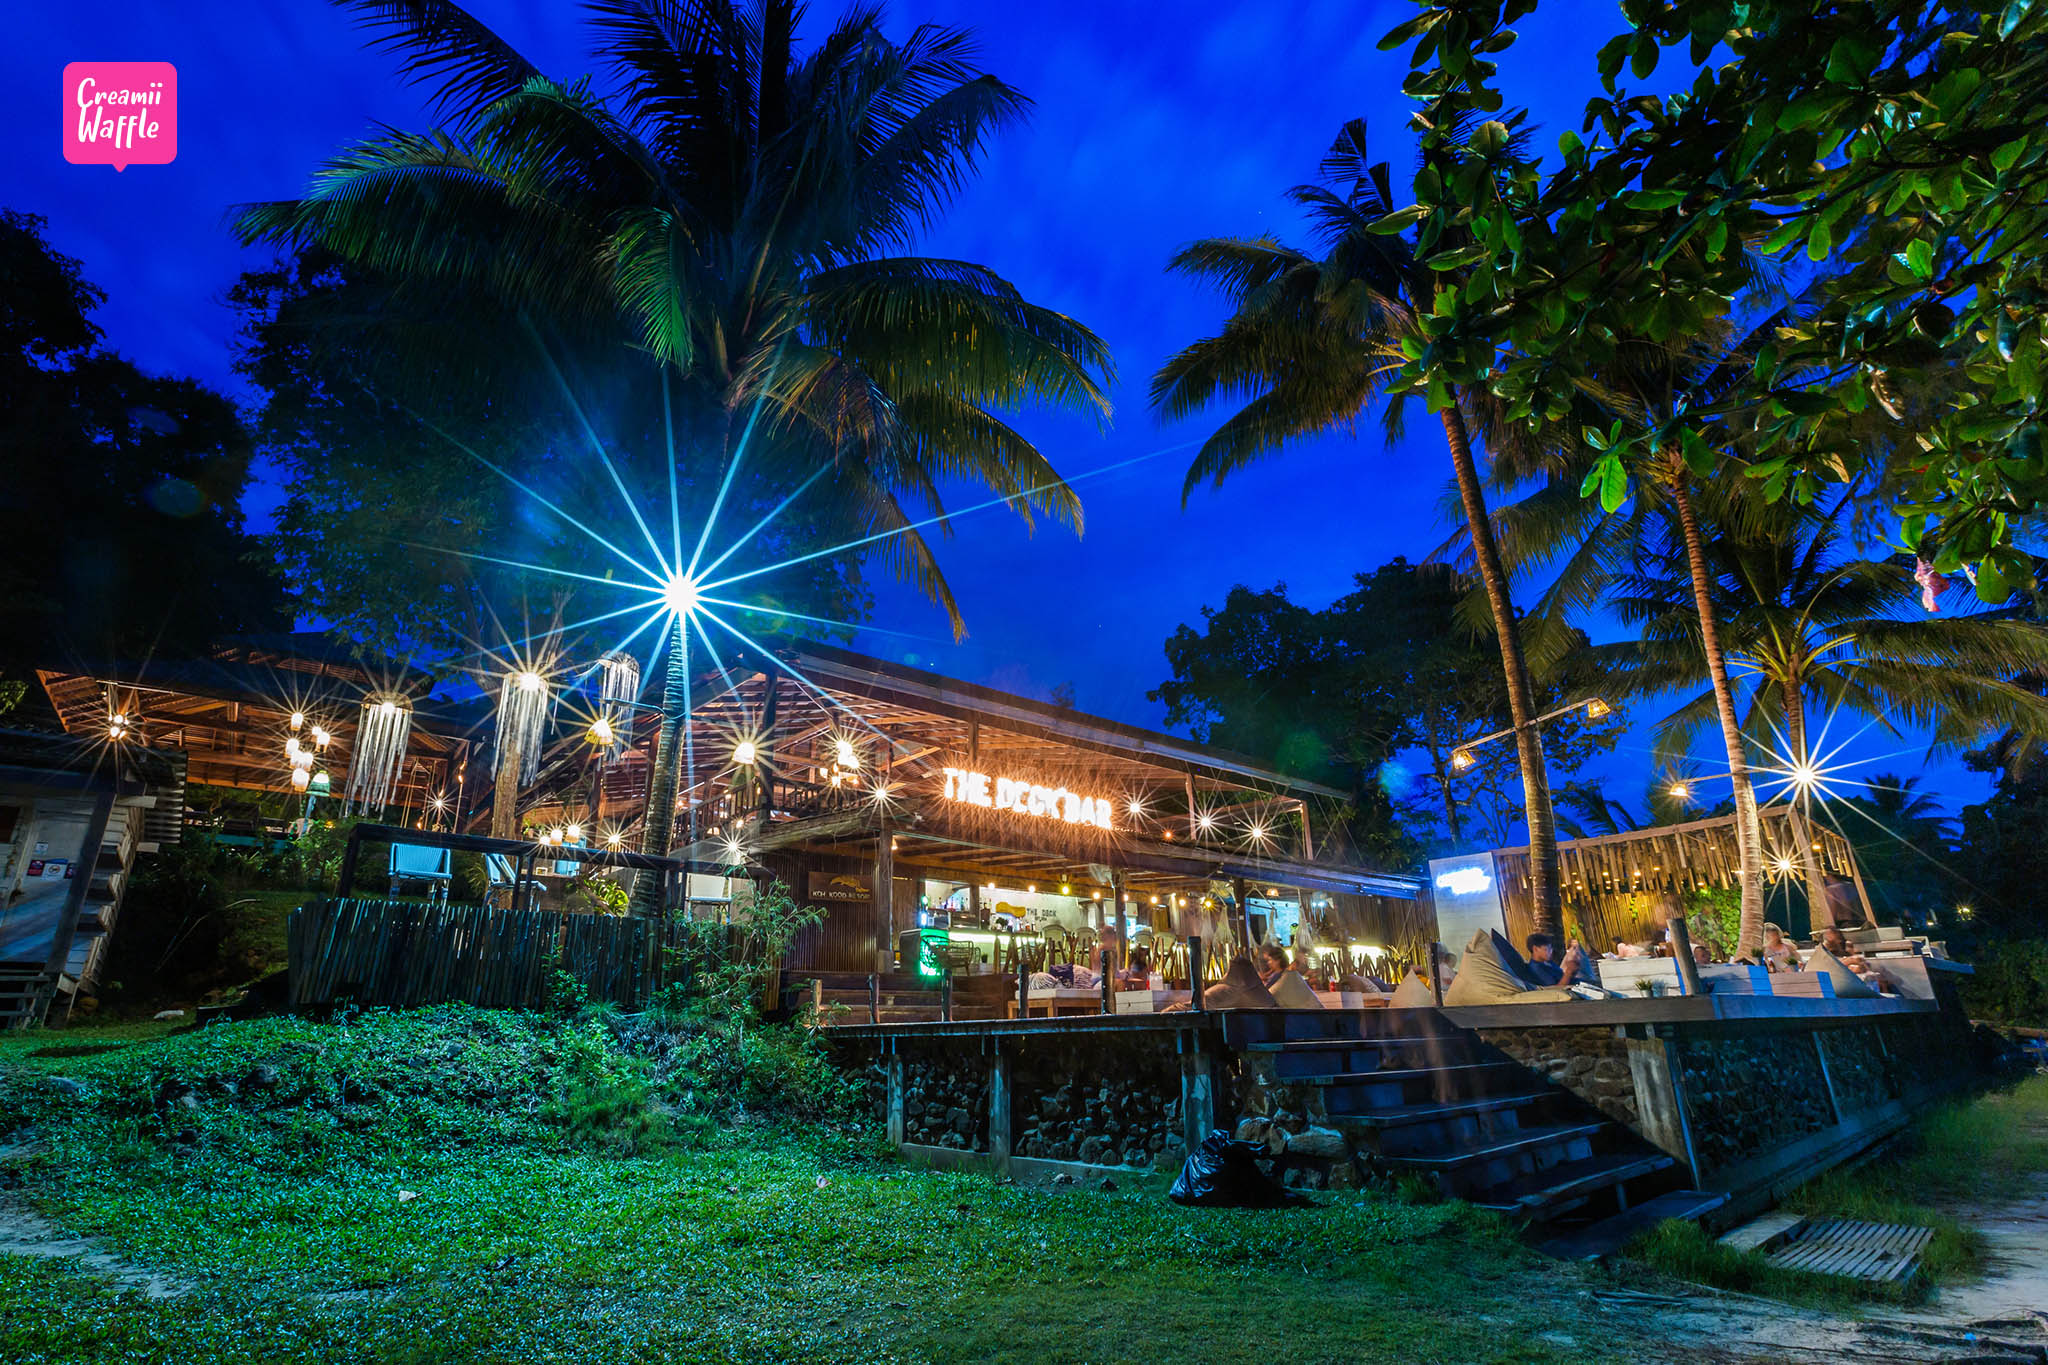 เกาะกูด รีสอร์ท koh kood resort The Deck bar